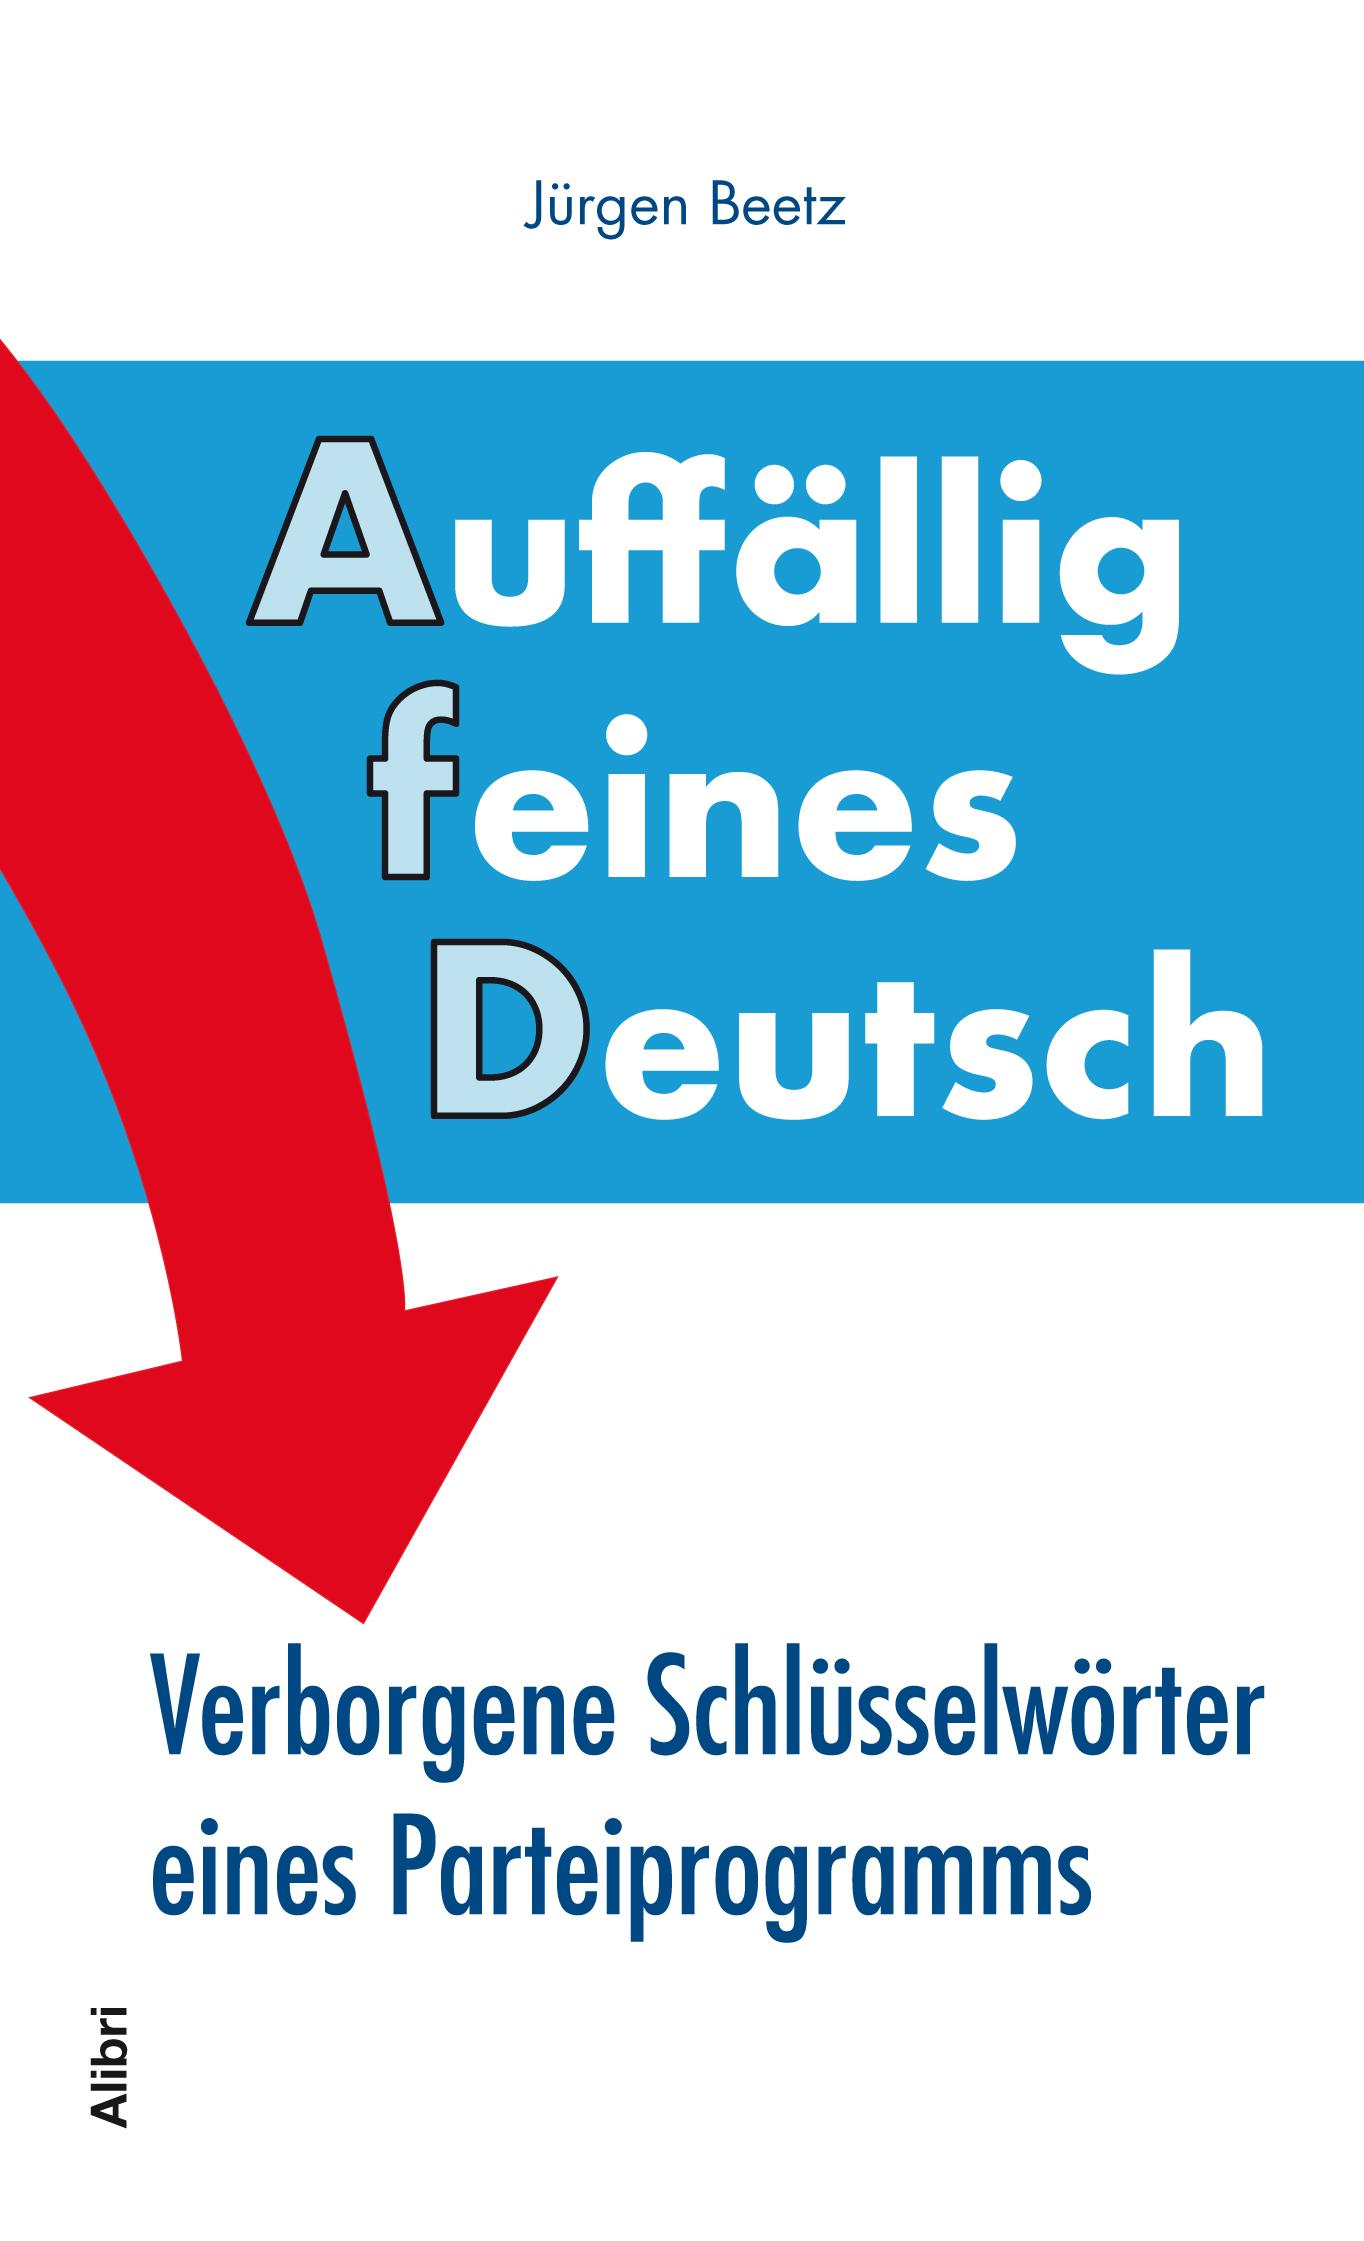 Auffaellig-feines-Deutsch-Juergen-Beetz